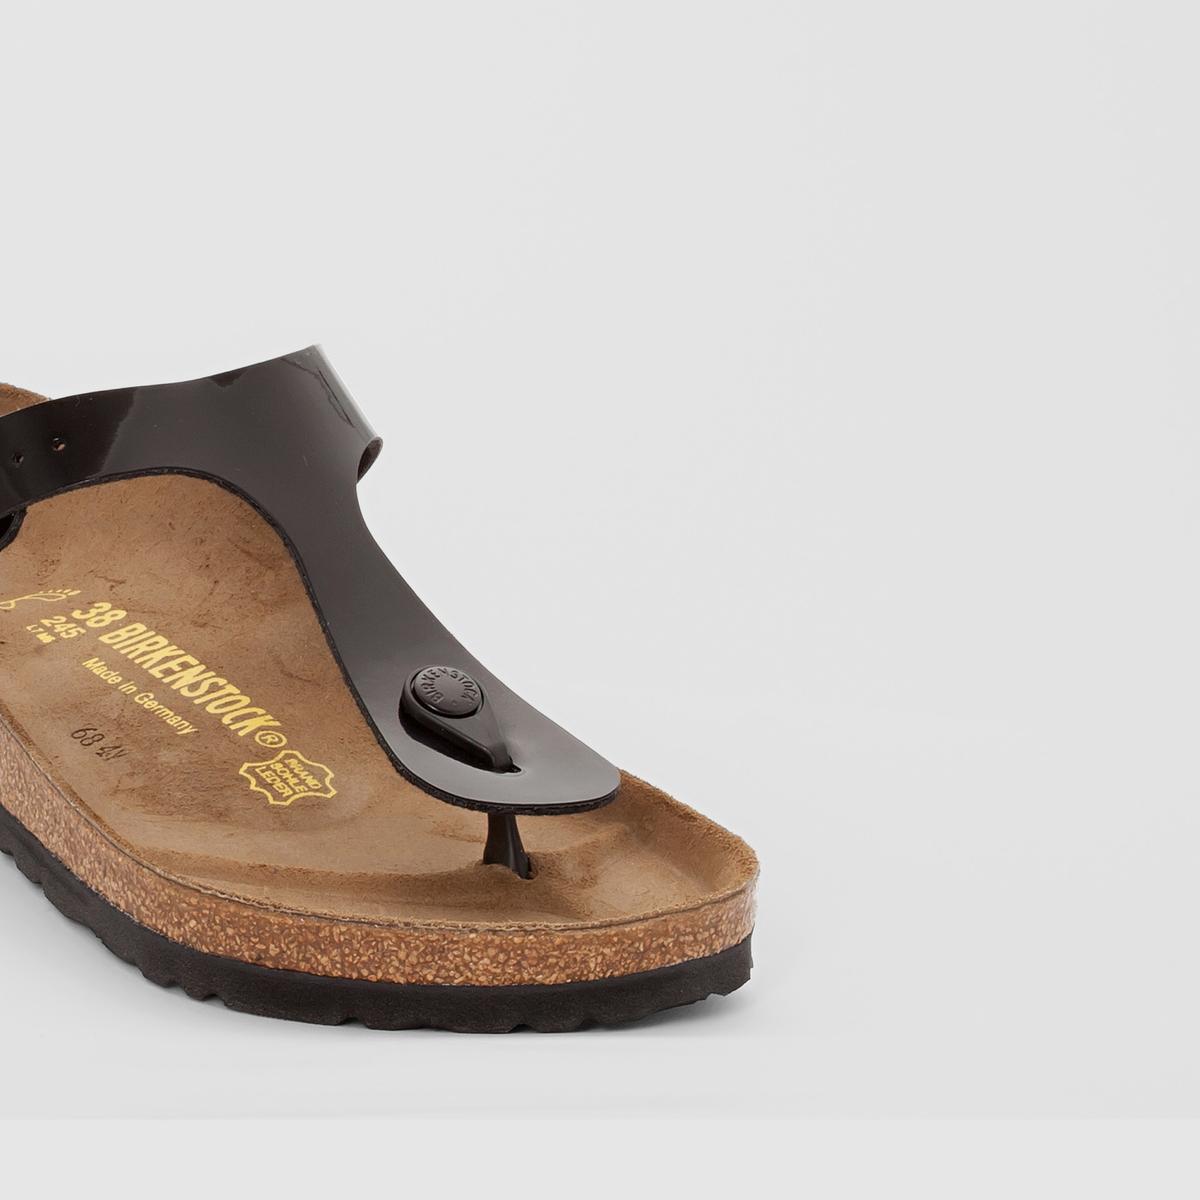 Туфли без задника синтетическиеДетали  •  Вьетнамки •  Застежка : без застежки •  Открытый мысокСостав и уход  •  Верх 100% синтетический материал •  Подкладка 100% текстиль •  Стелька 100% кожа •  Подошва 100% ЭВА<br><br>Цвет: Черный лак